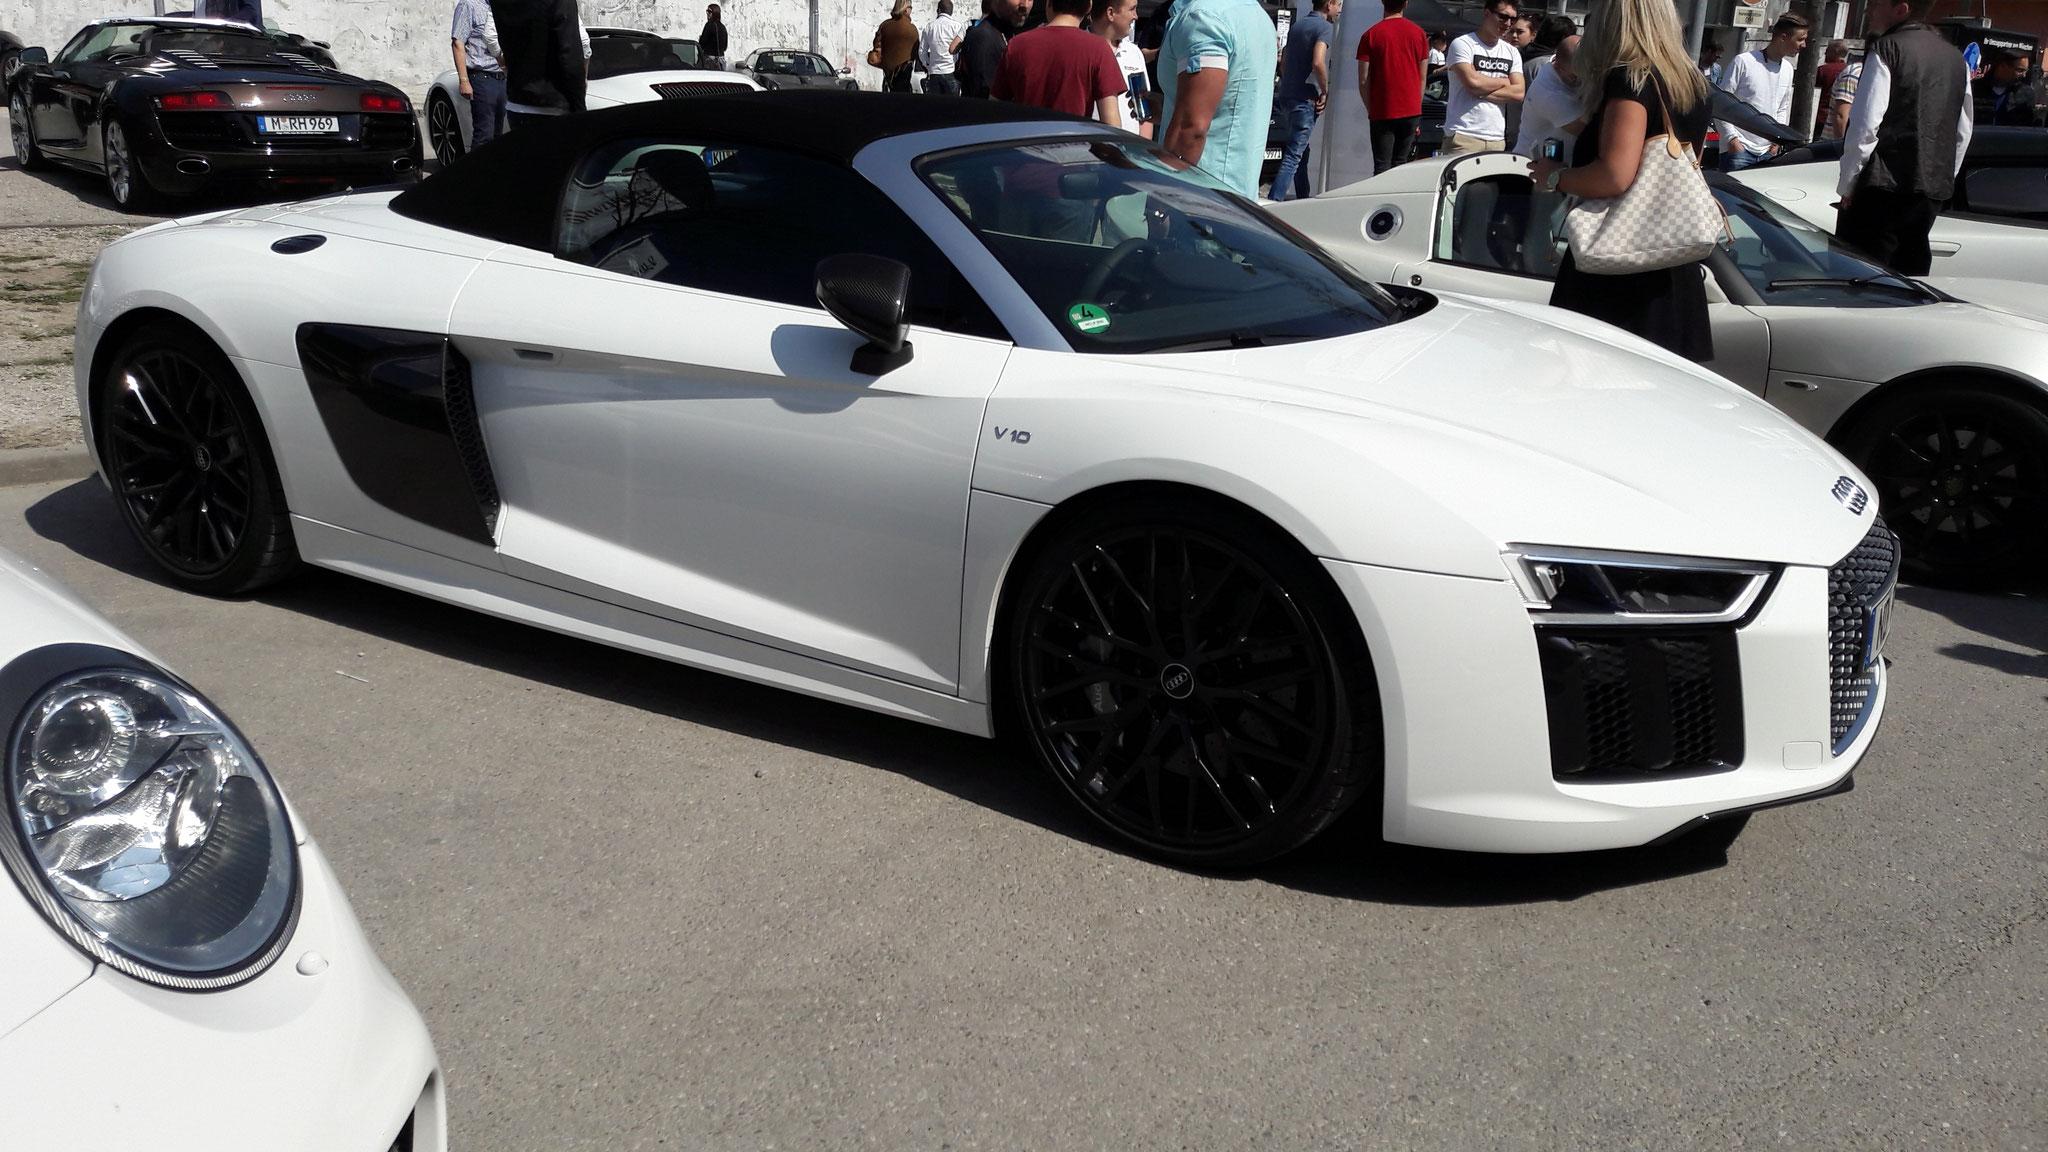 Audi R8 V10 Spyder - ND-P-800